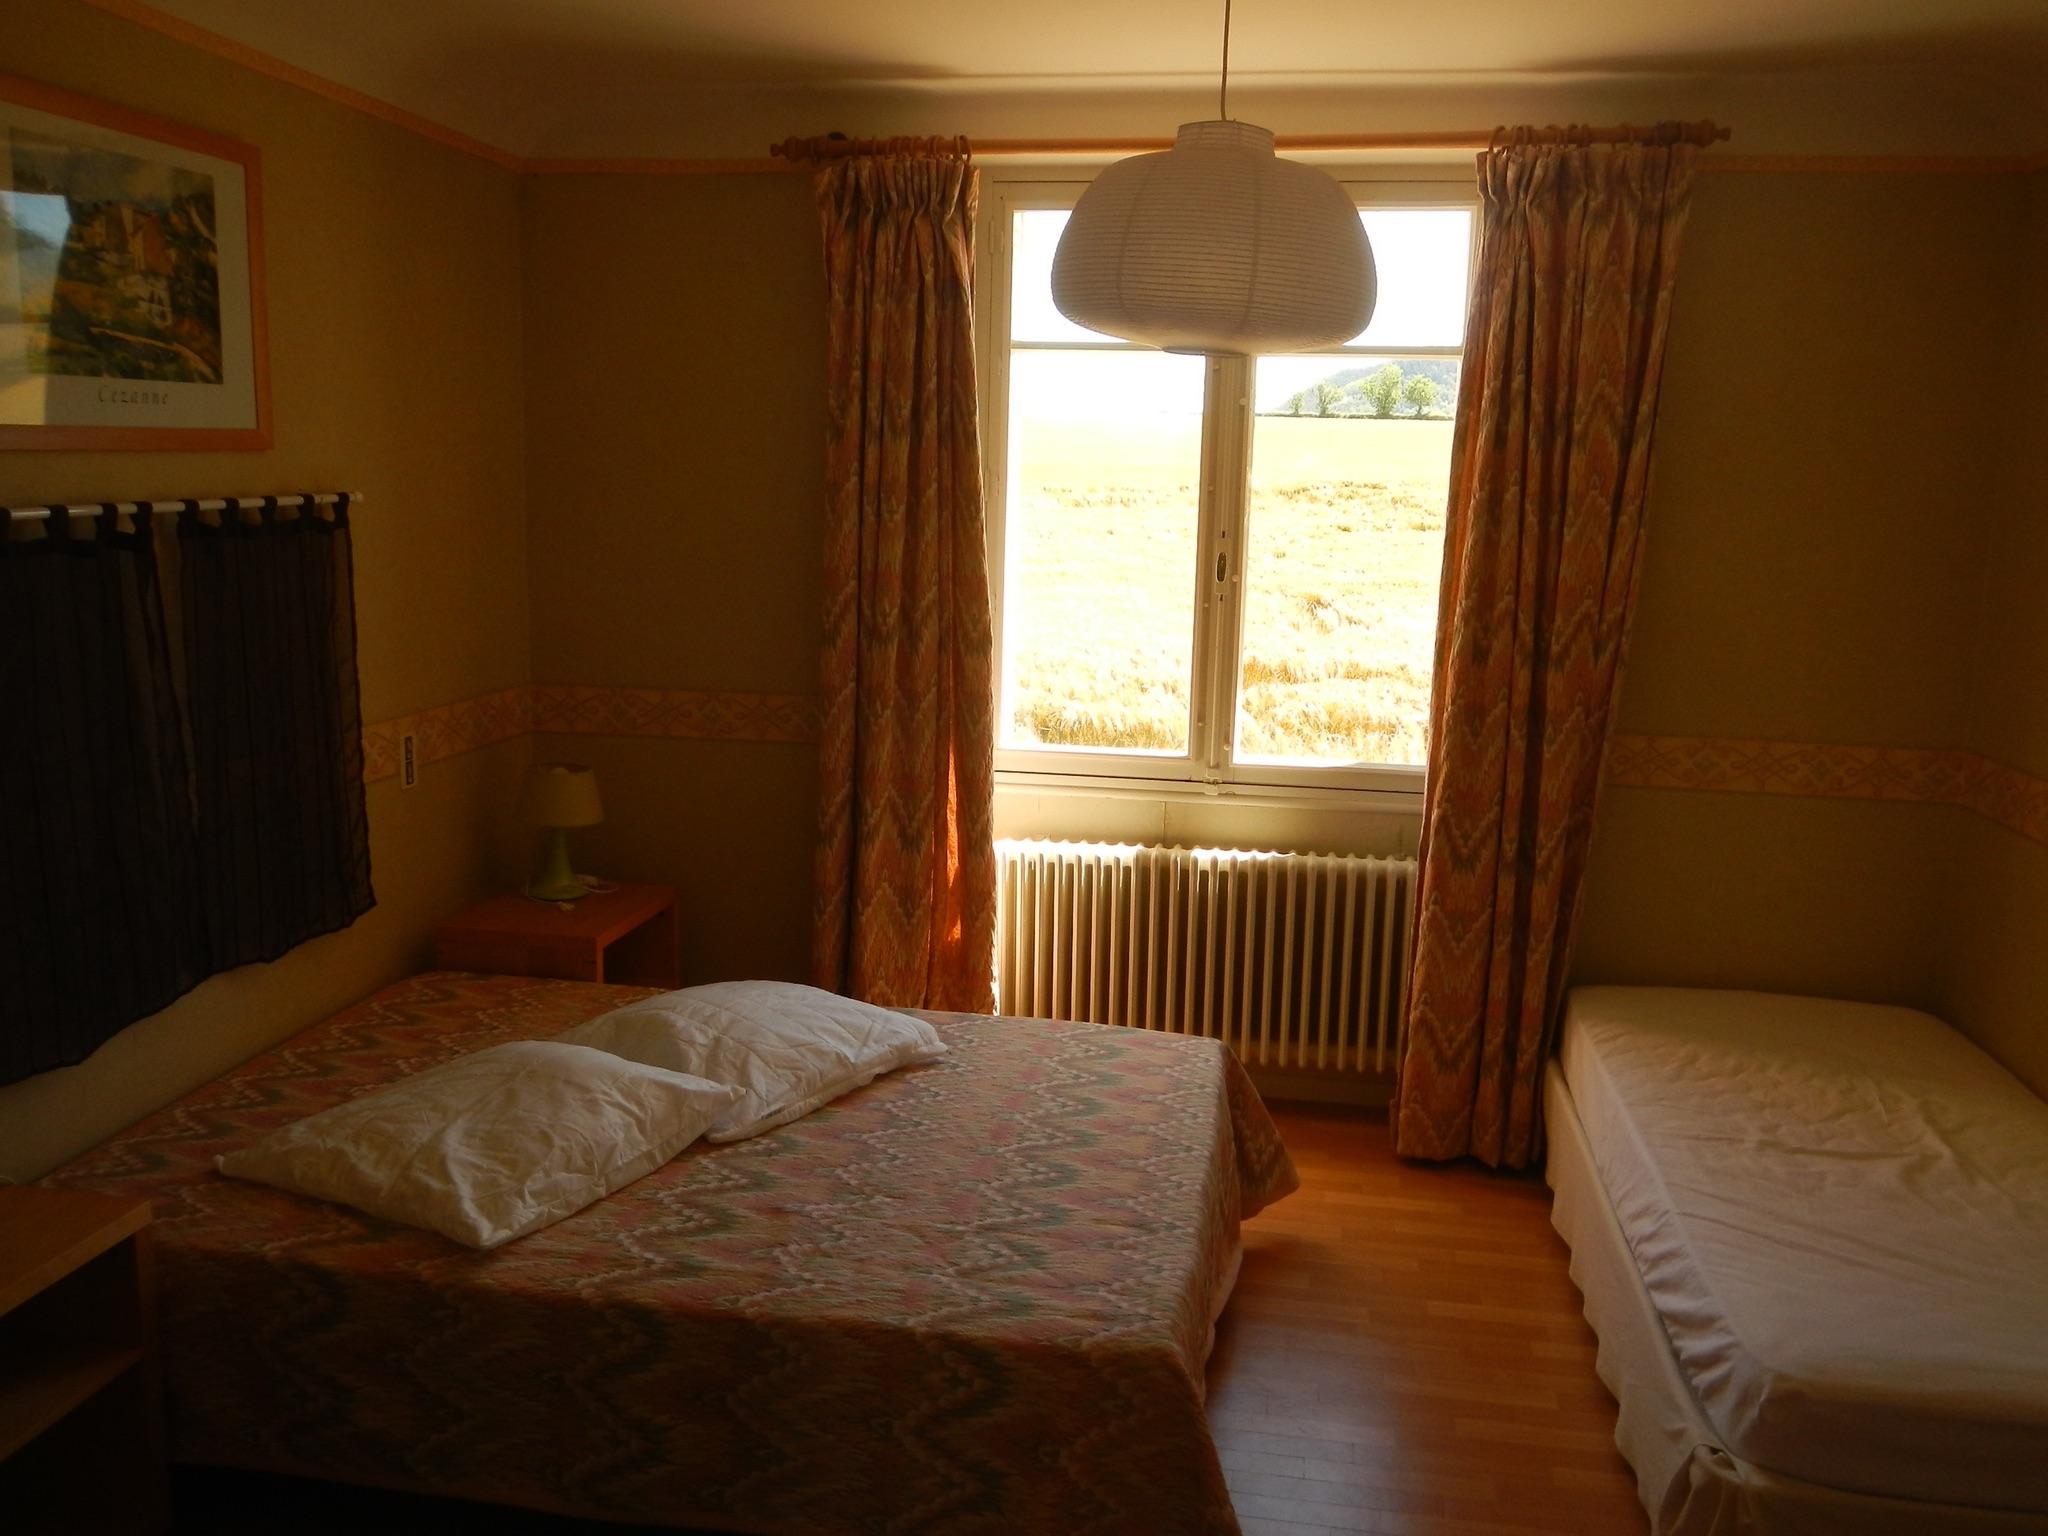 Ferienhaus Haus mit 6 Zimmern in Banassac mit toller Aussicht auf die Berge und eingezäuntem Garten - (2202056), Banassac, Lozère, Languedoc-Roussillon, Frankreich, Bild 9